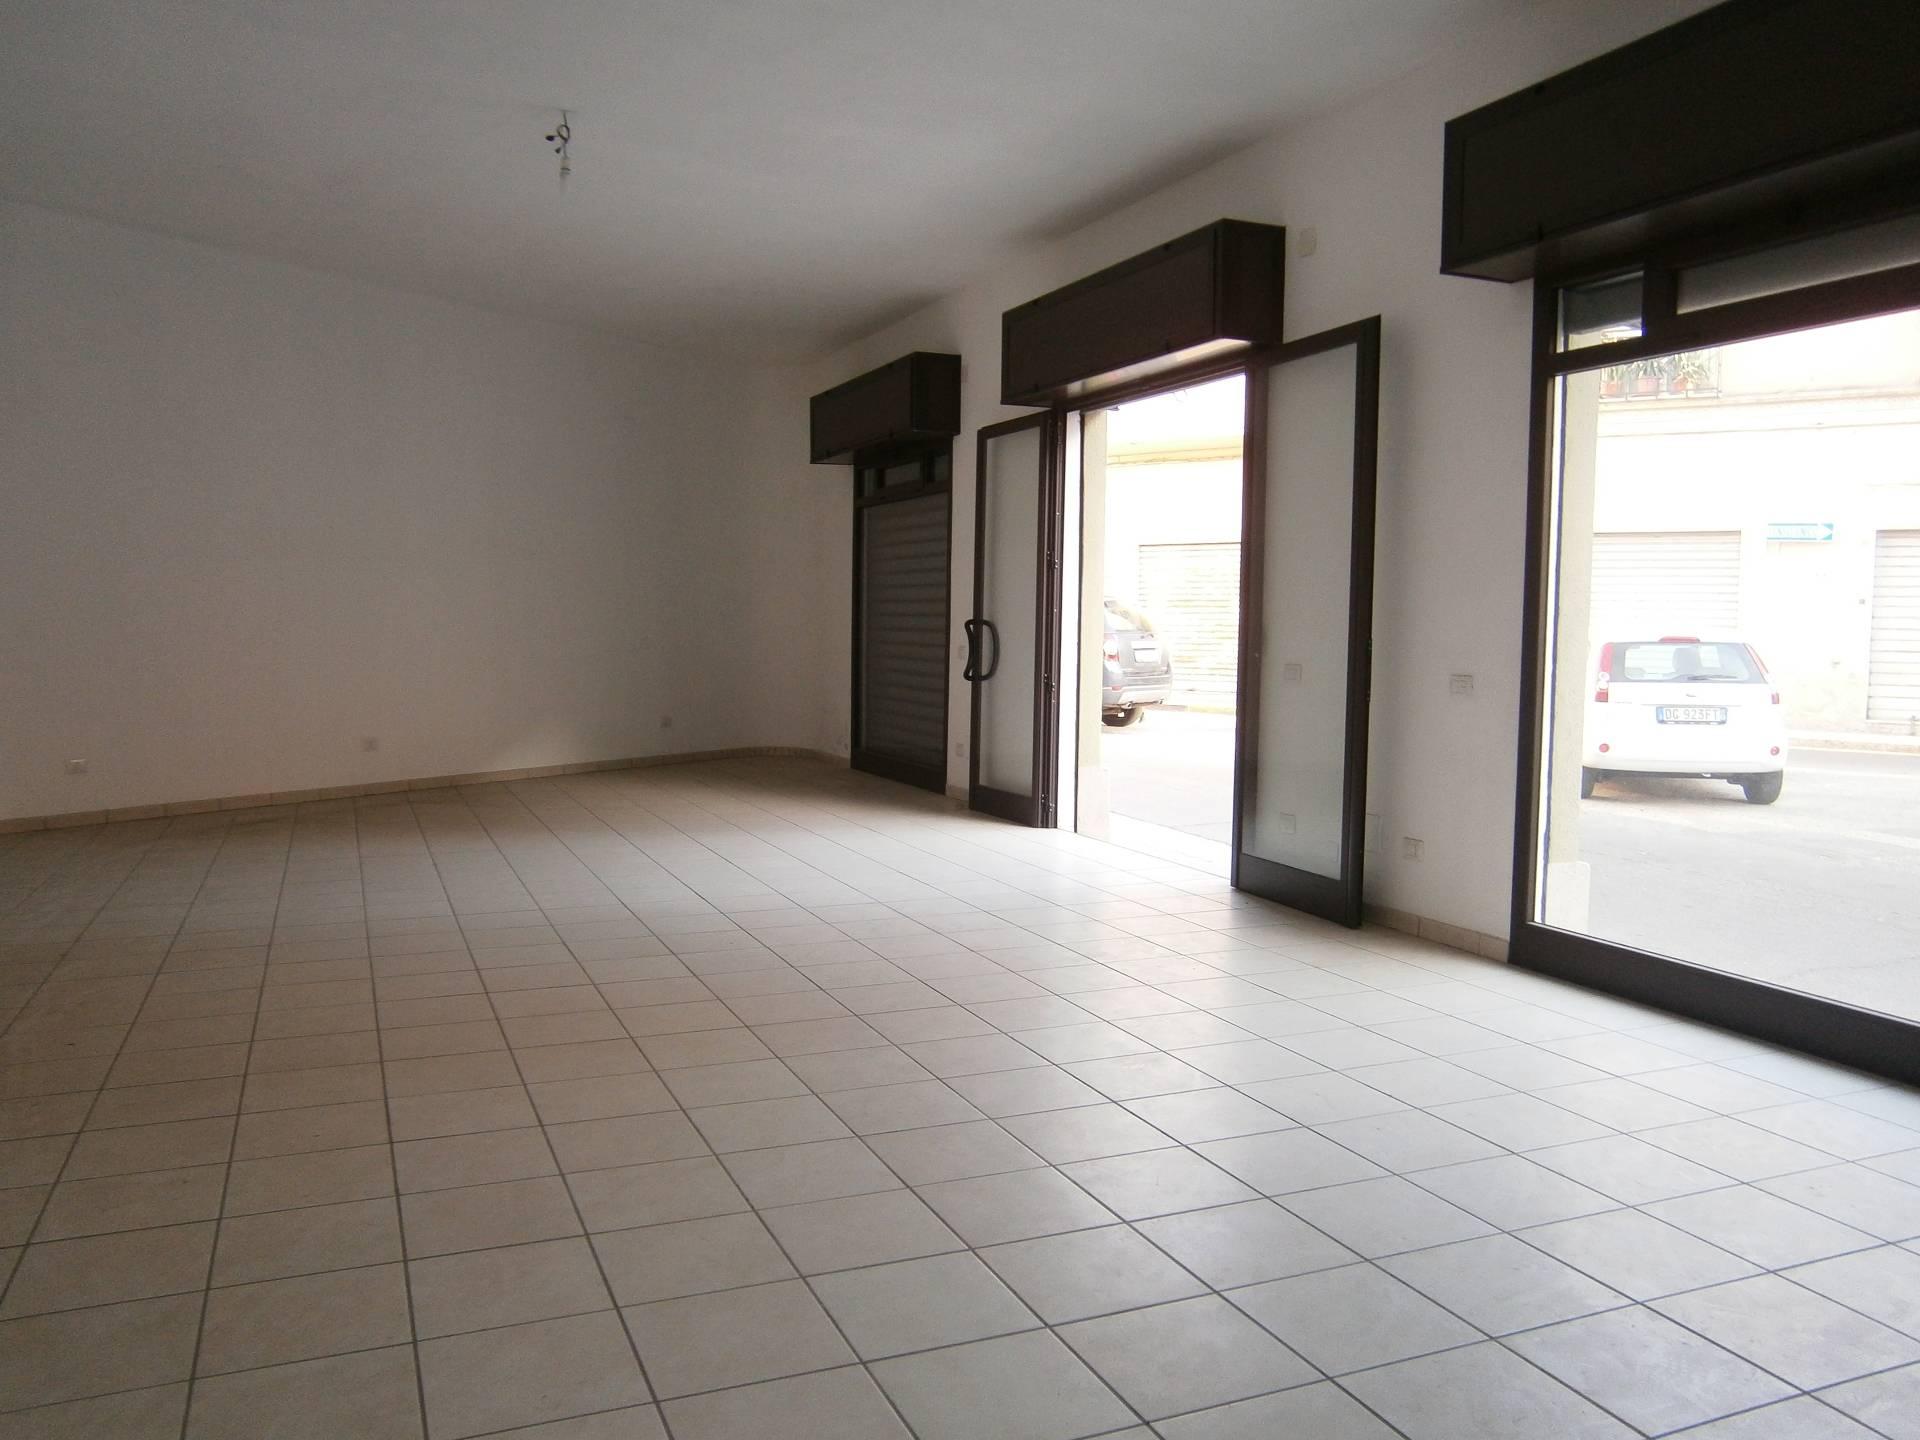 Negozio / Locale in affitto a Quartu Sant'Elena, 9999 locali, zona Località: PiazzaIVNovembre, prezzo € 1.100 | Cambio Casa.it